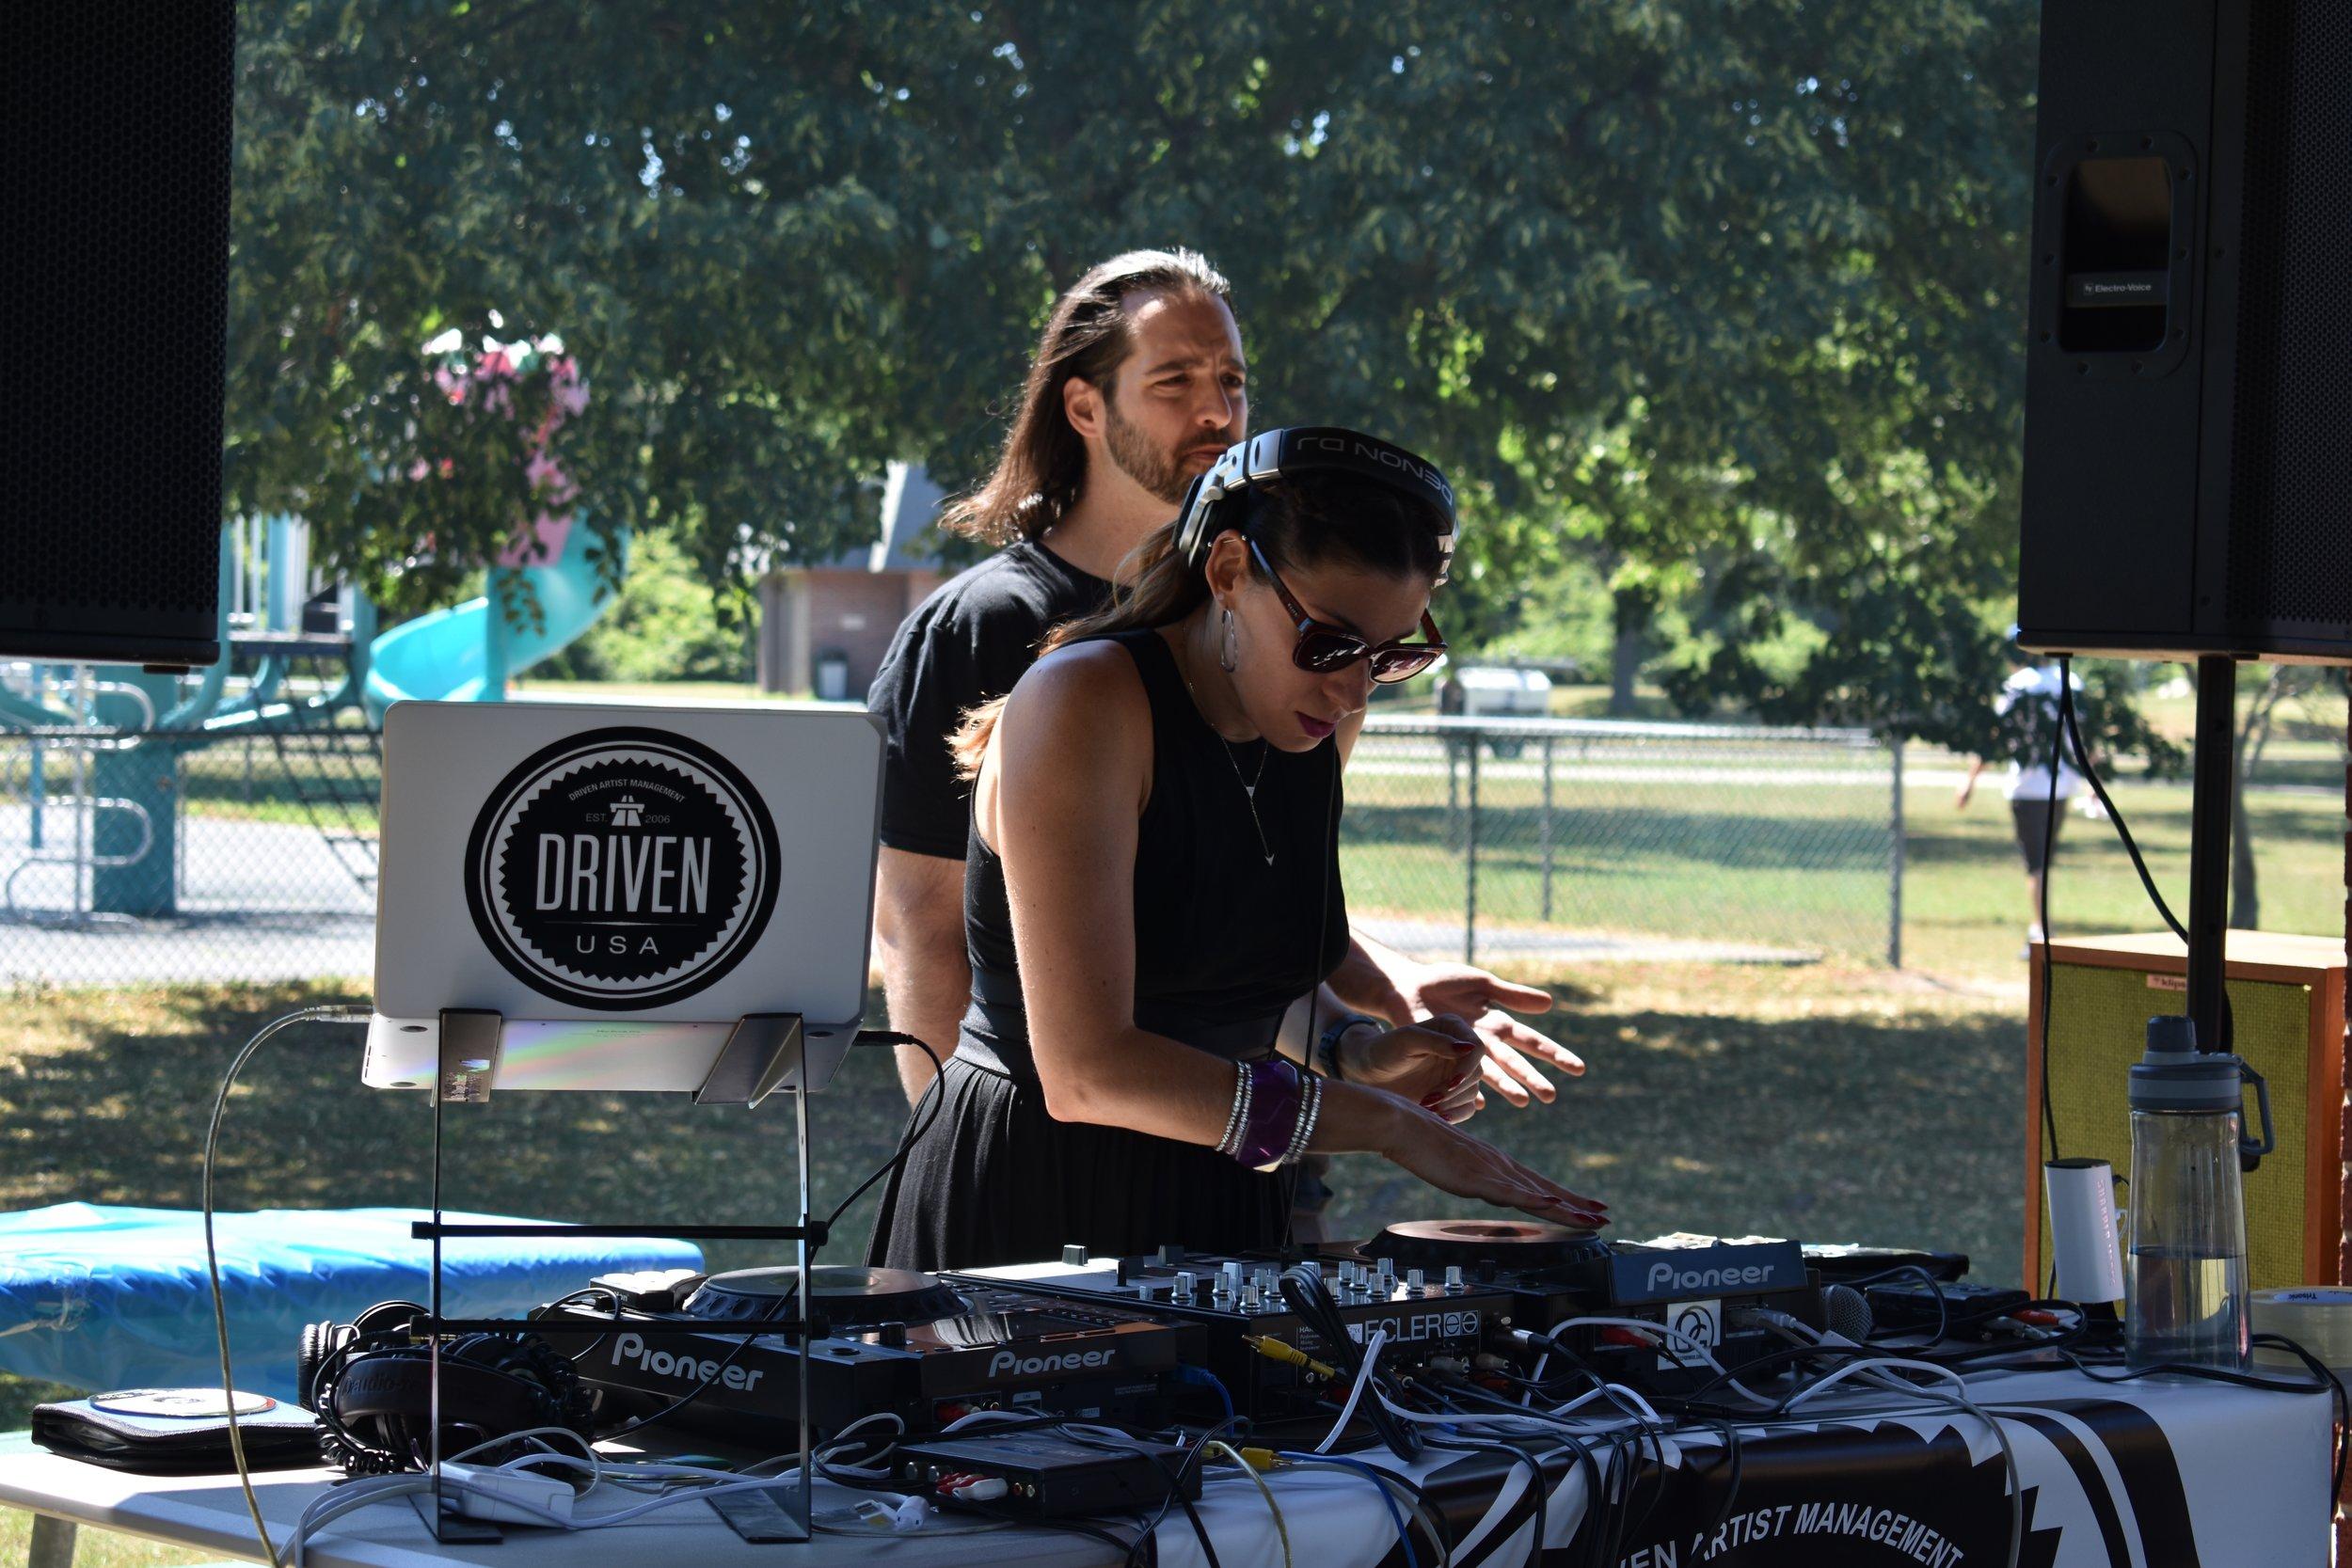 DJ STRIFE @ 14th Annual DnB BBQ - Cedar Creek Park, New York  July 7th, 2018   https://youtu.be/nbn2L4DJCfI